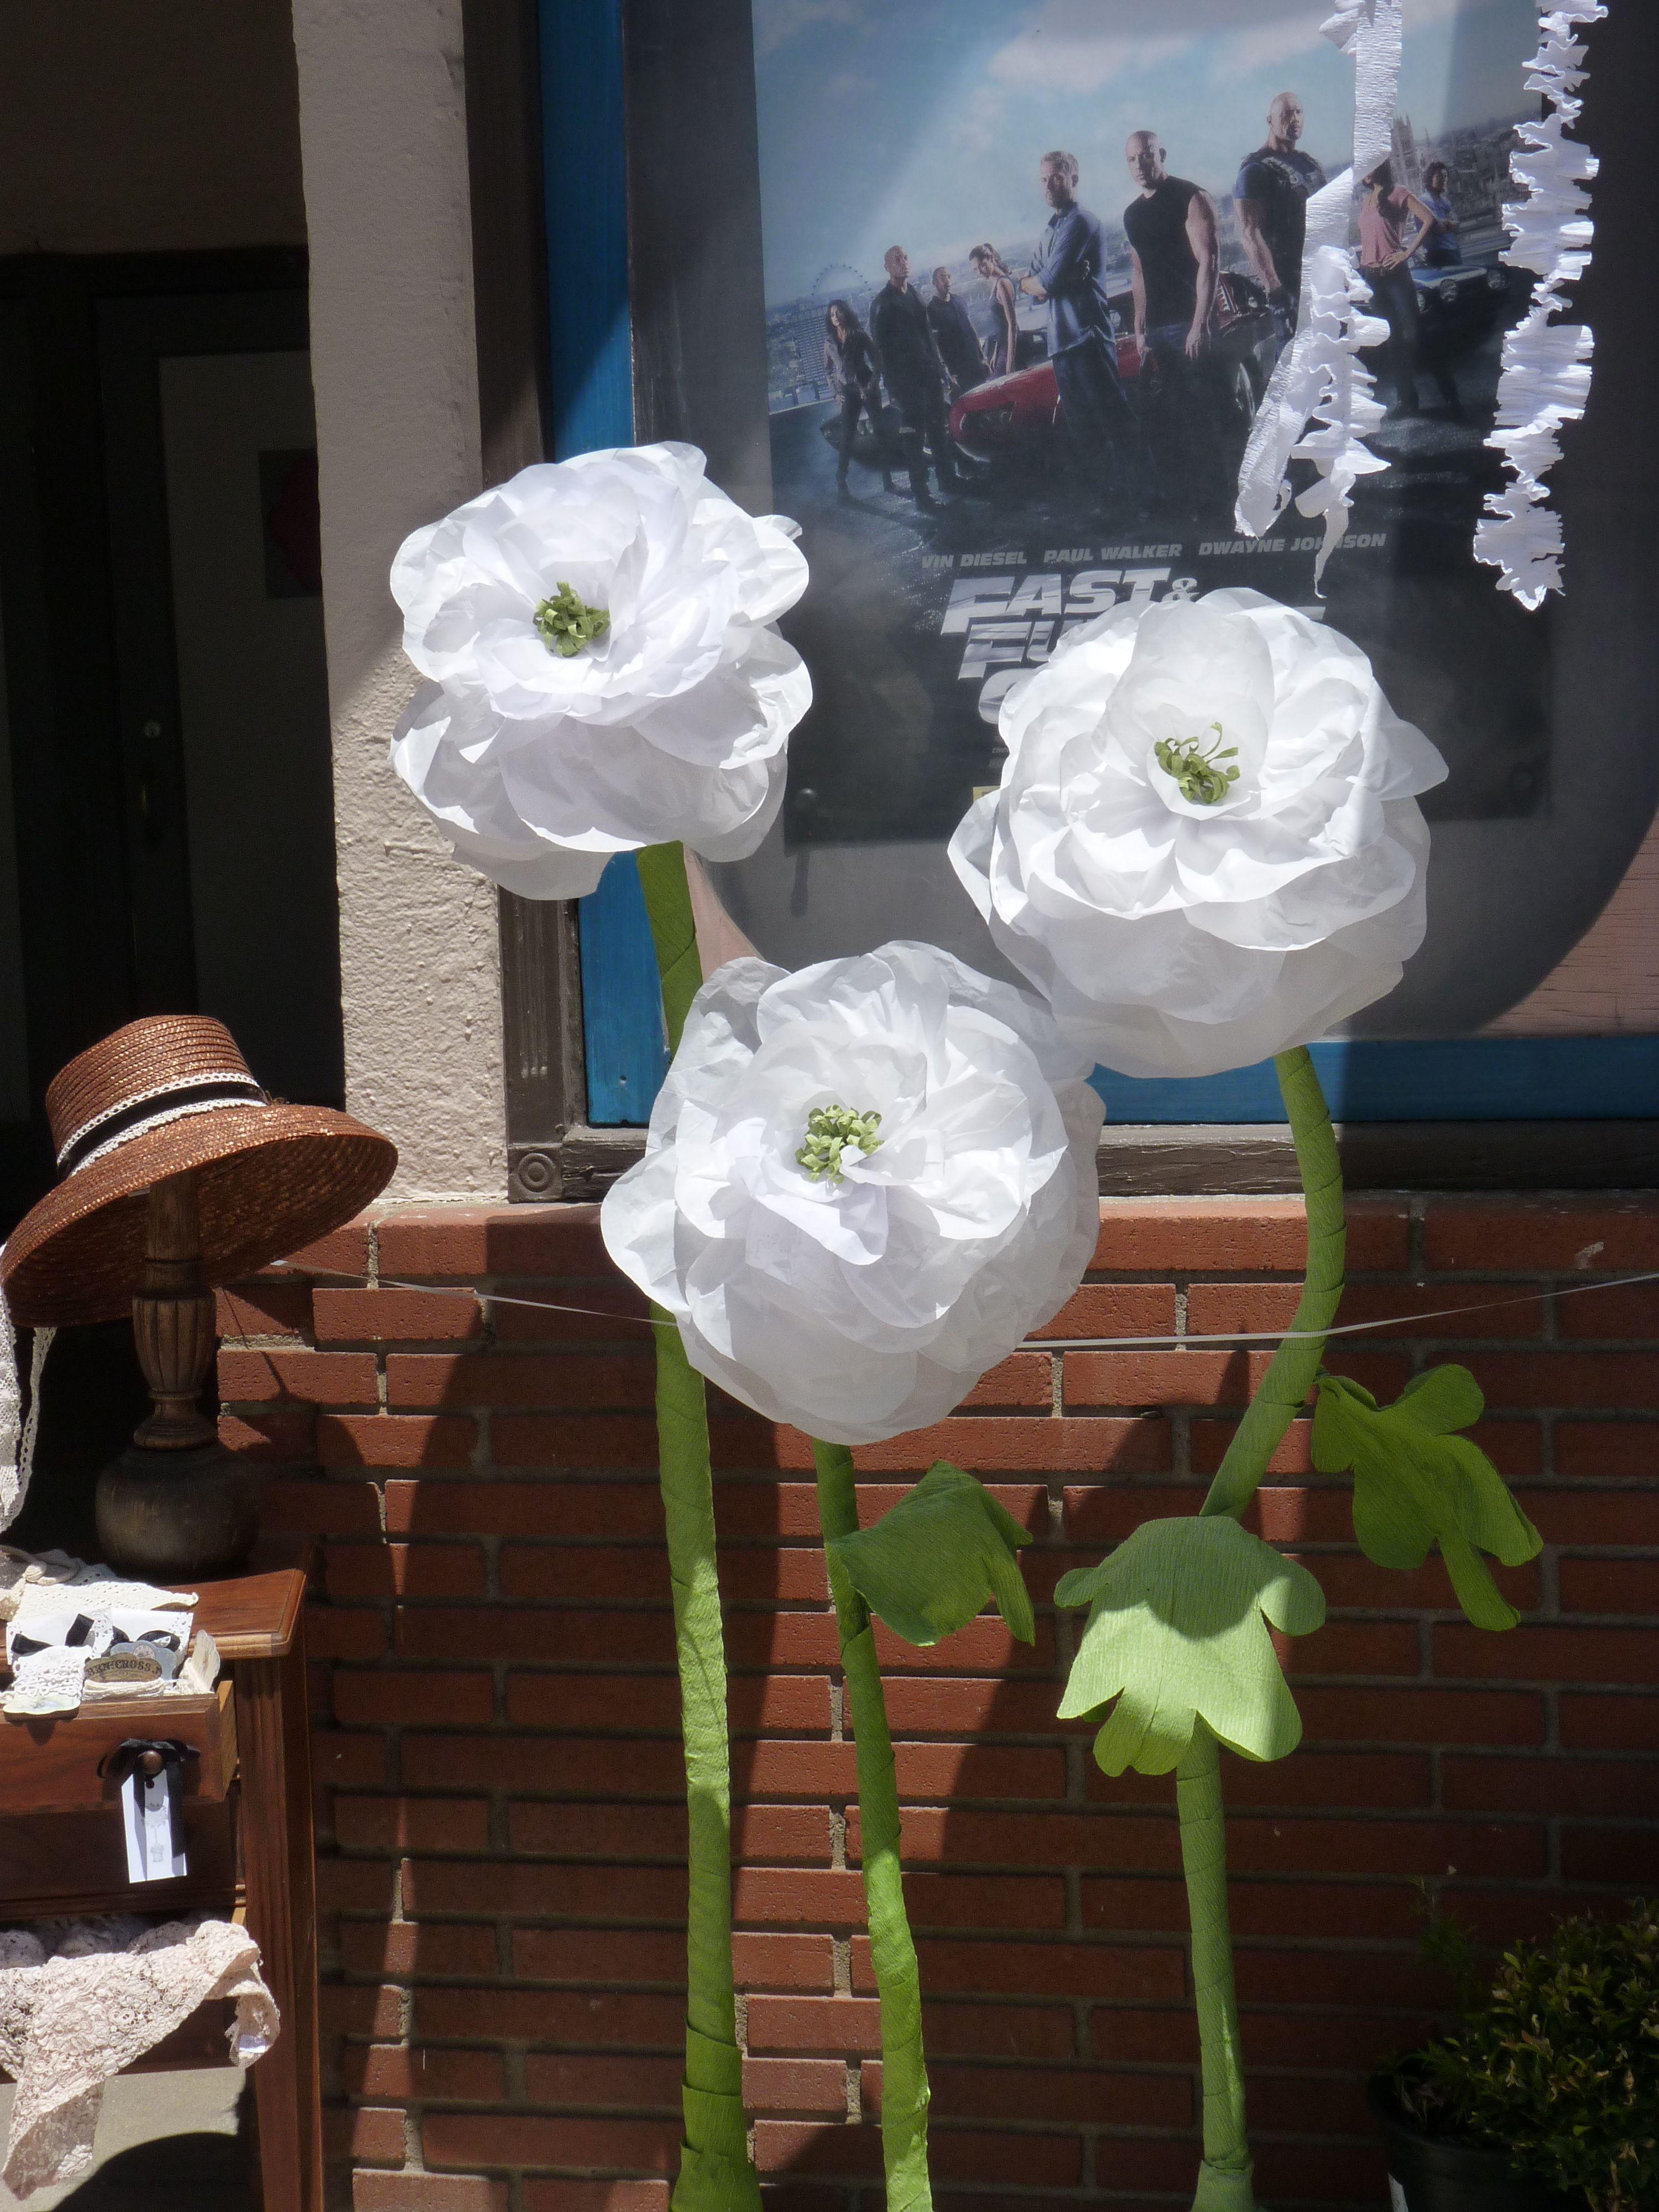 Giant Tissue Paper Flowers By Emilys Garden Flores Para Decorar